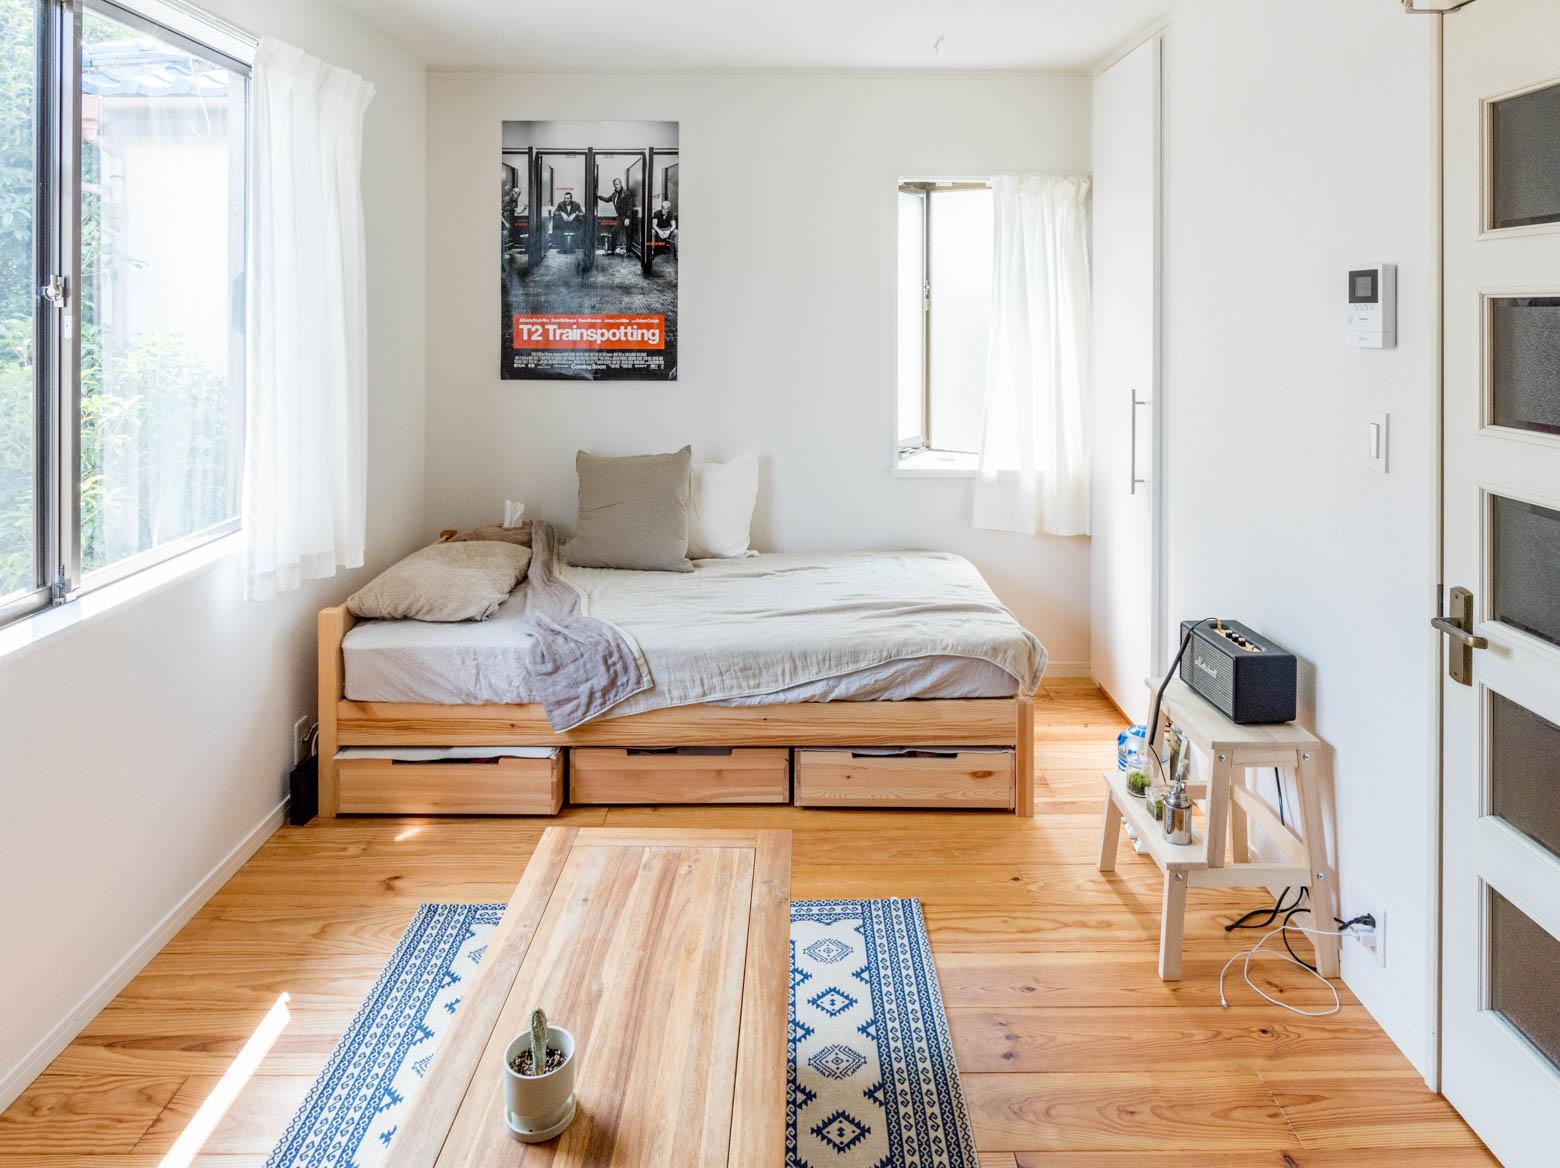 goodroomオリジナルリノベーション「TOMOS」のお部屋。6帖1Kでも、こんなに素敵な1人暮らしができるんです。